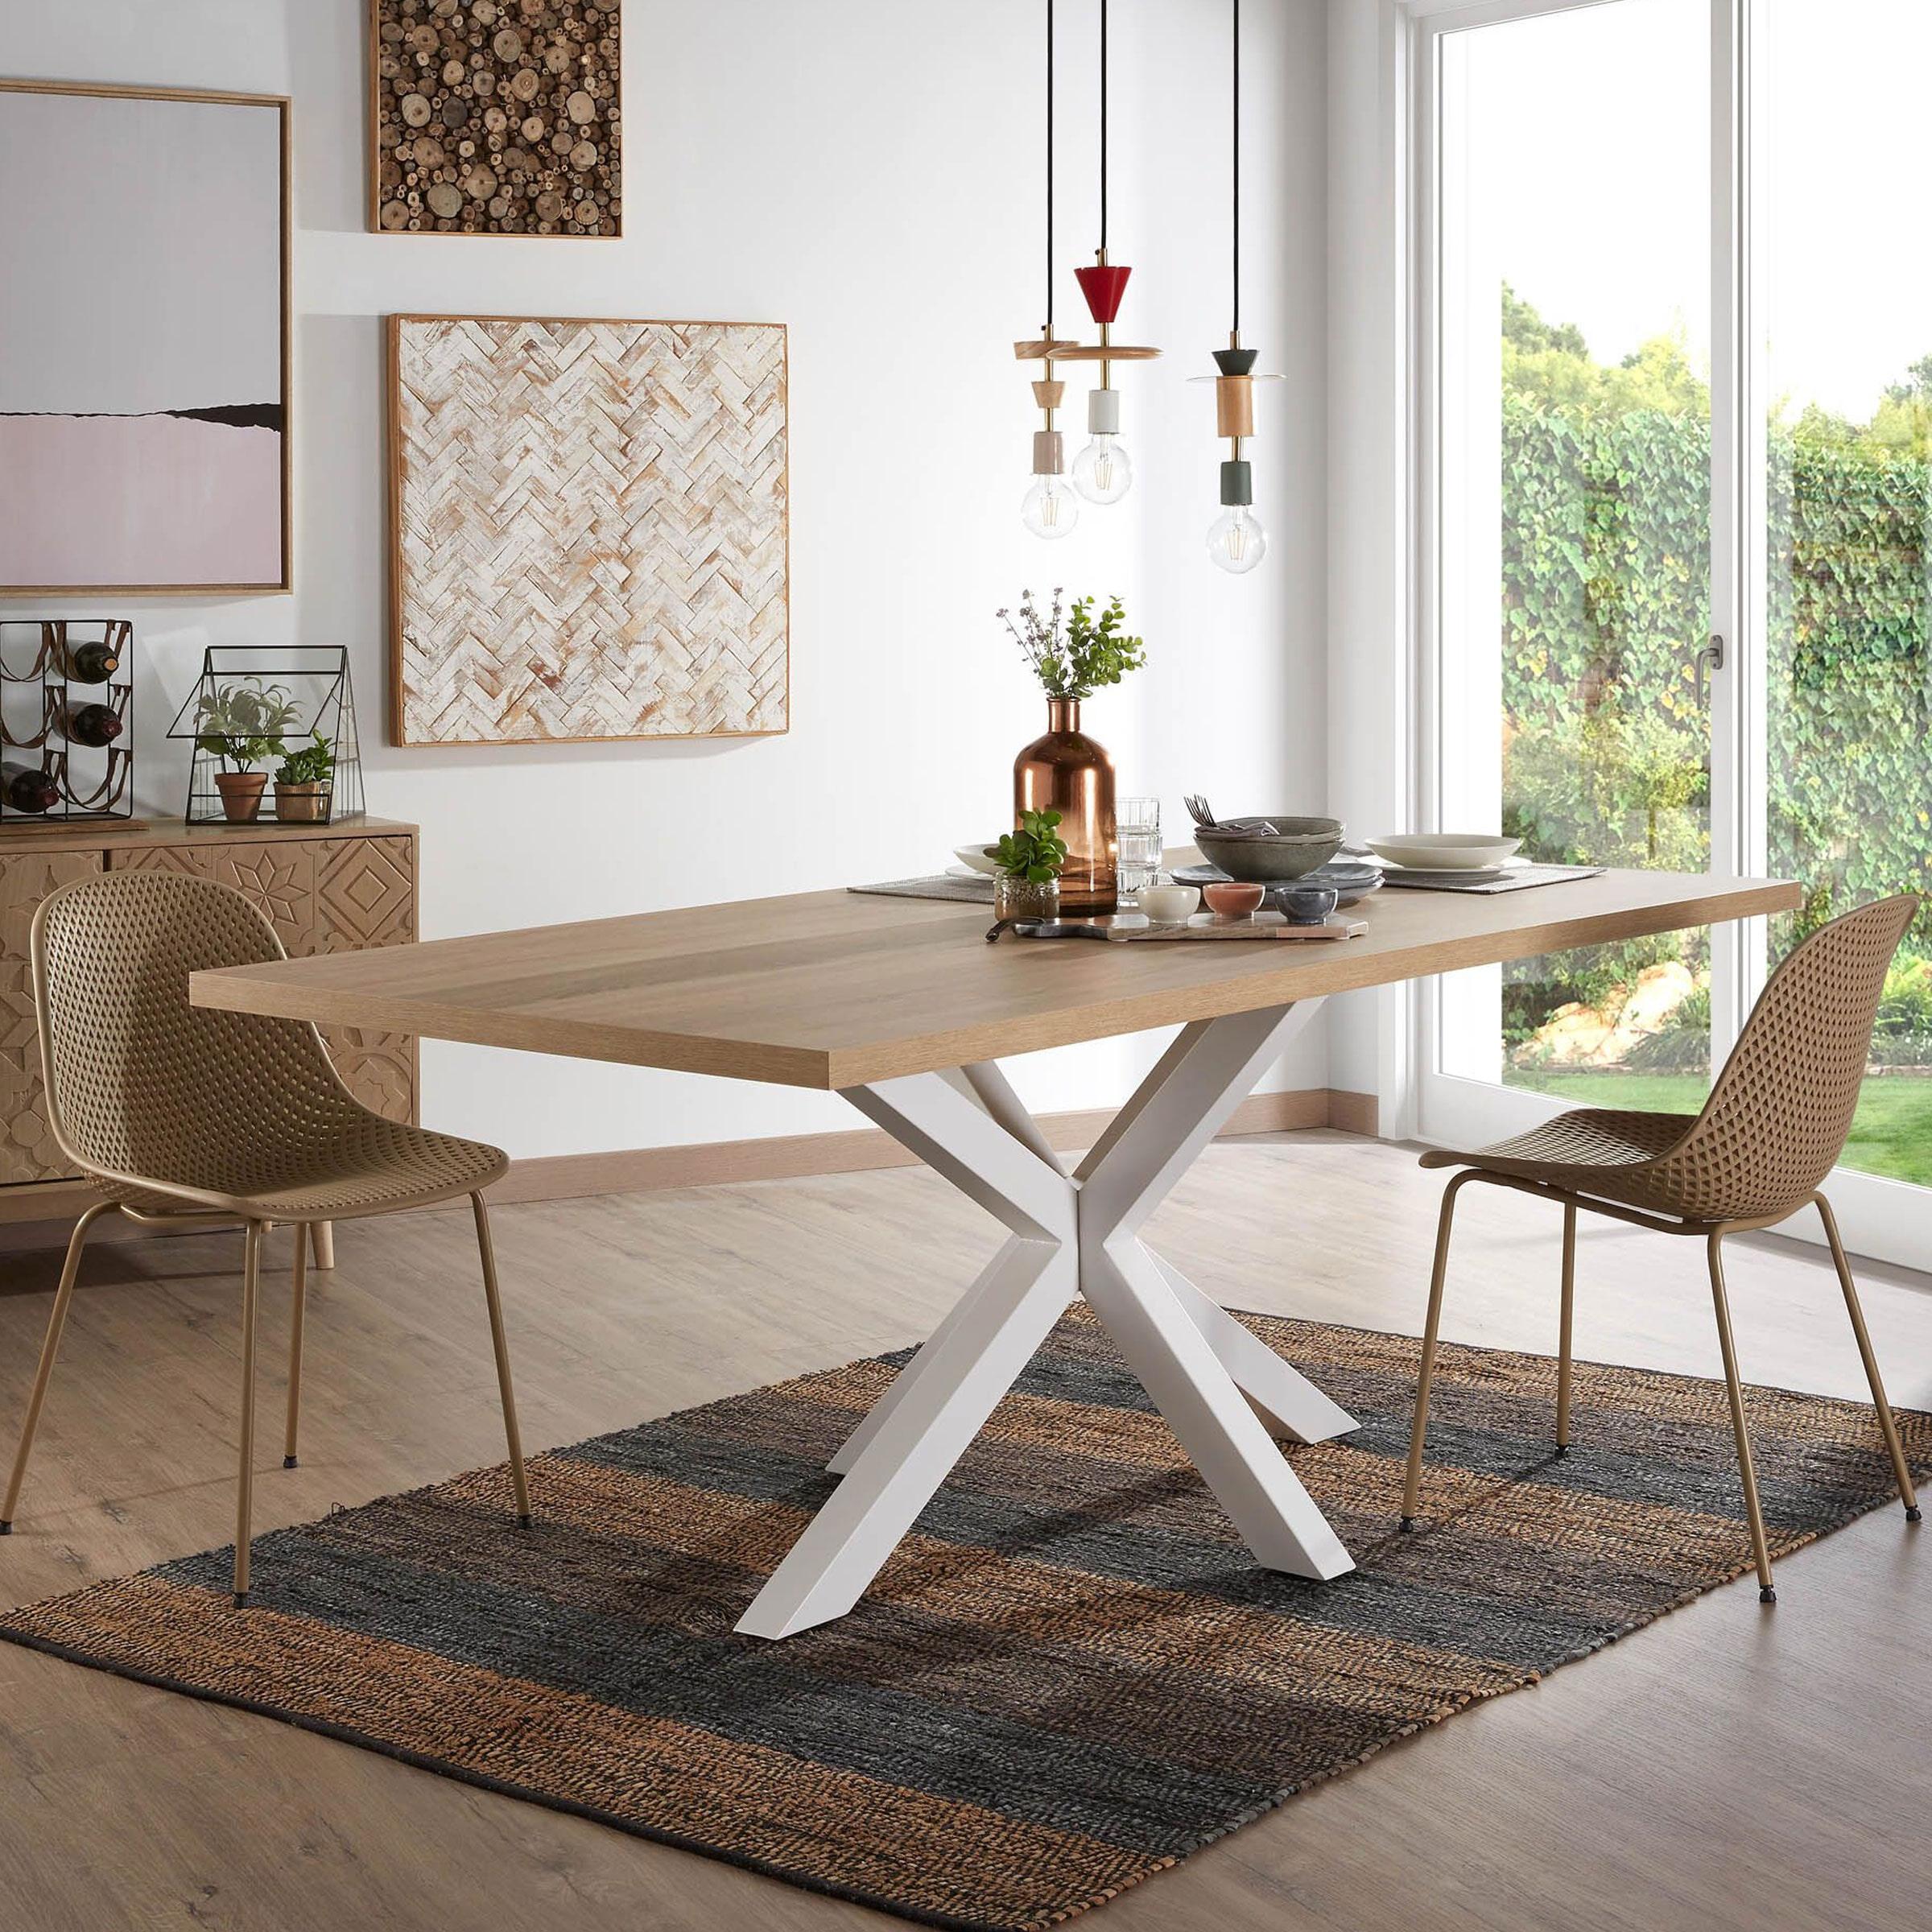 Kave Home Eettafel 'Argo' wit - hout, 180 x 100cm